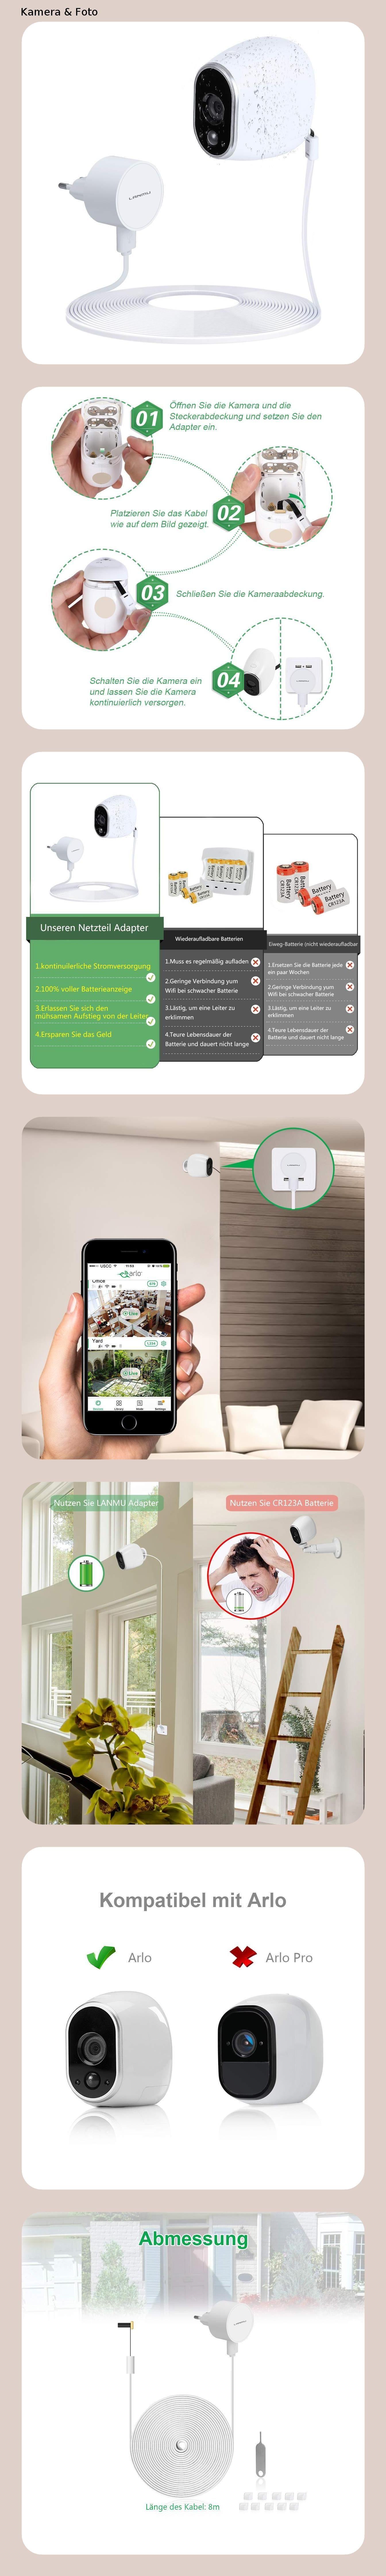 weiß Wetterfestes Netzteil und Kabel für Arlo Überwachungskamera-Smart-Zubehör